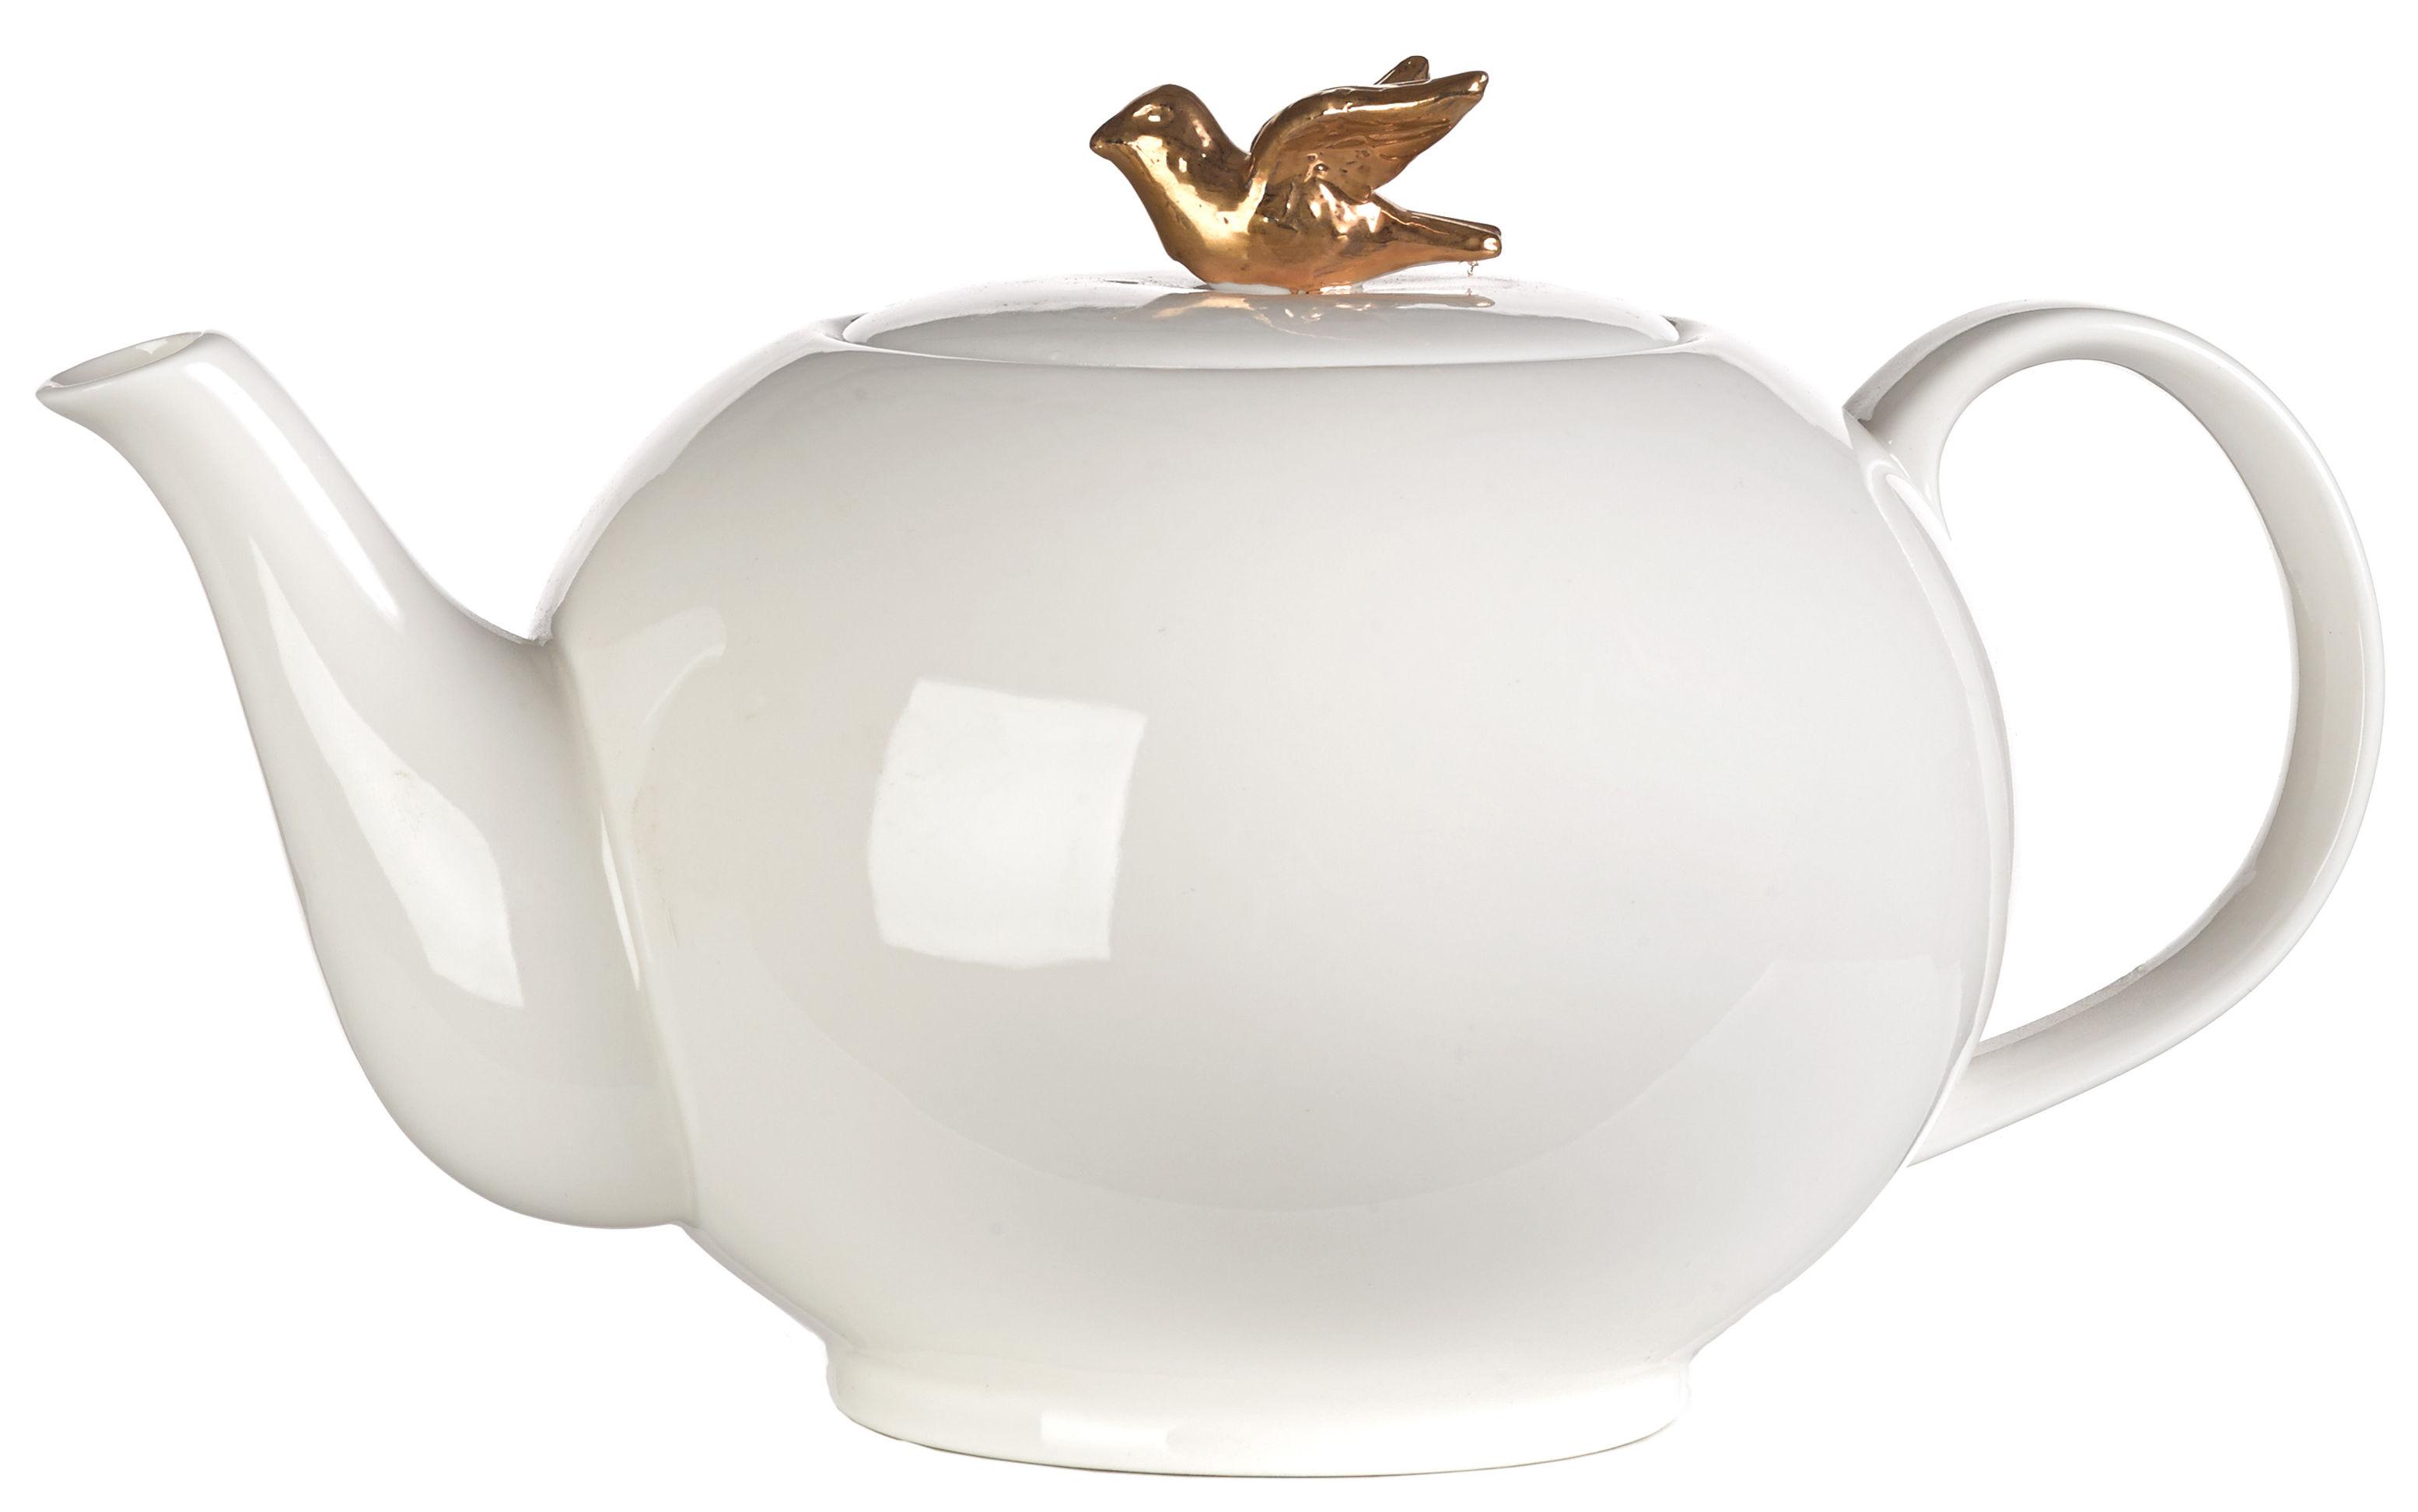 Tischkultur - Tee und Kaffee - Freedom Bird Teekanne - Pols Potten - Teekanne weiß / Vogel goldfarben - Porcelaine vernie